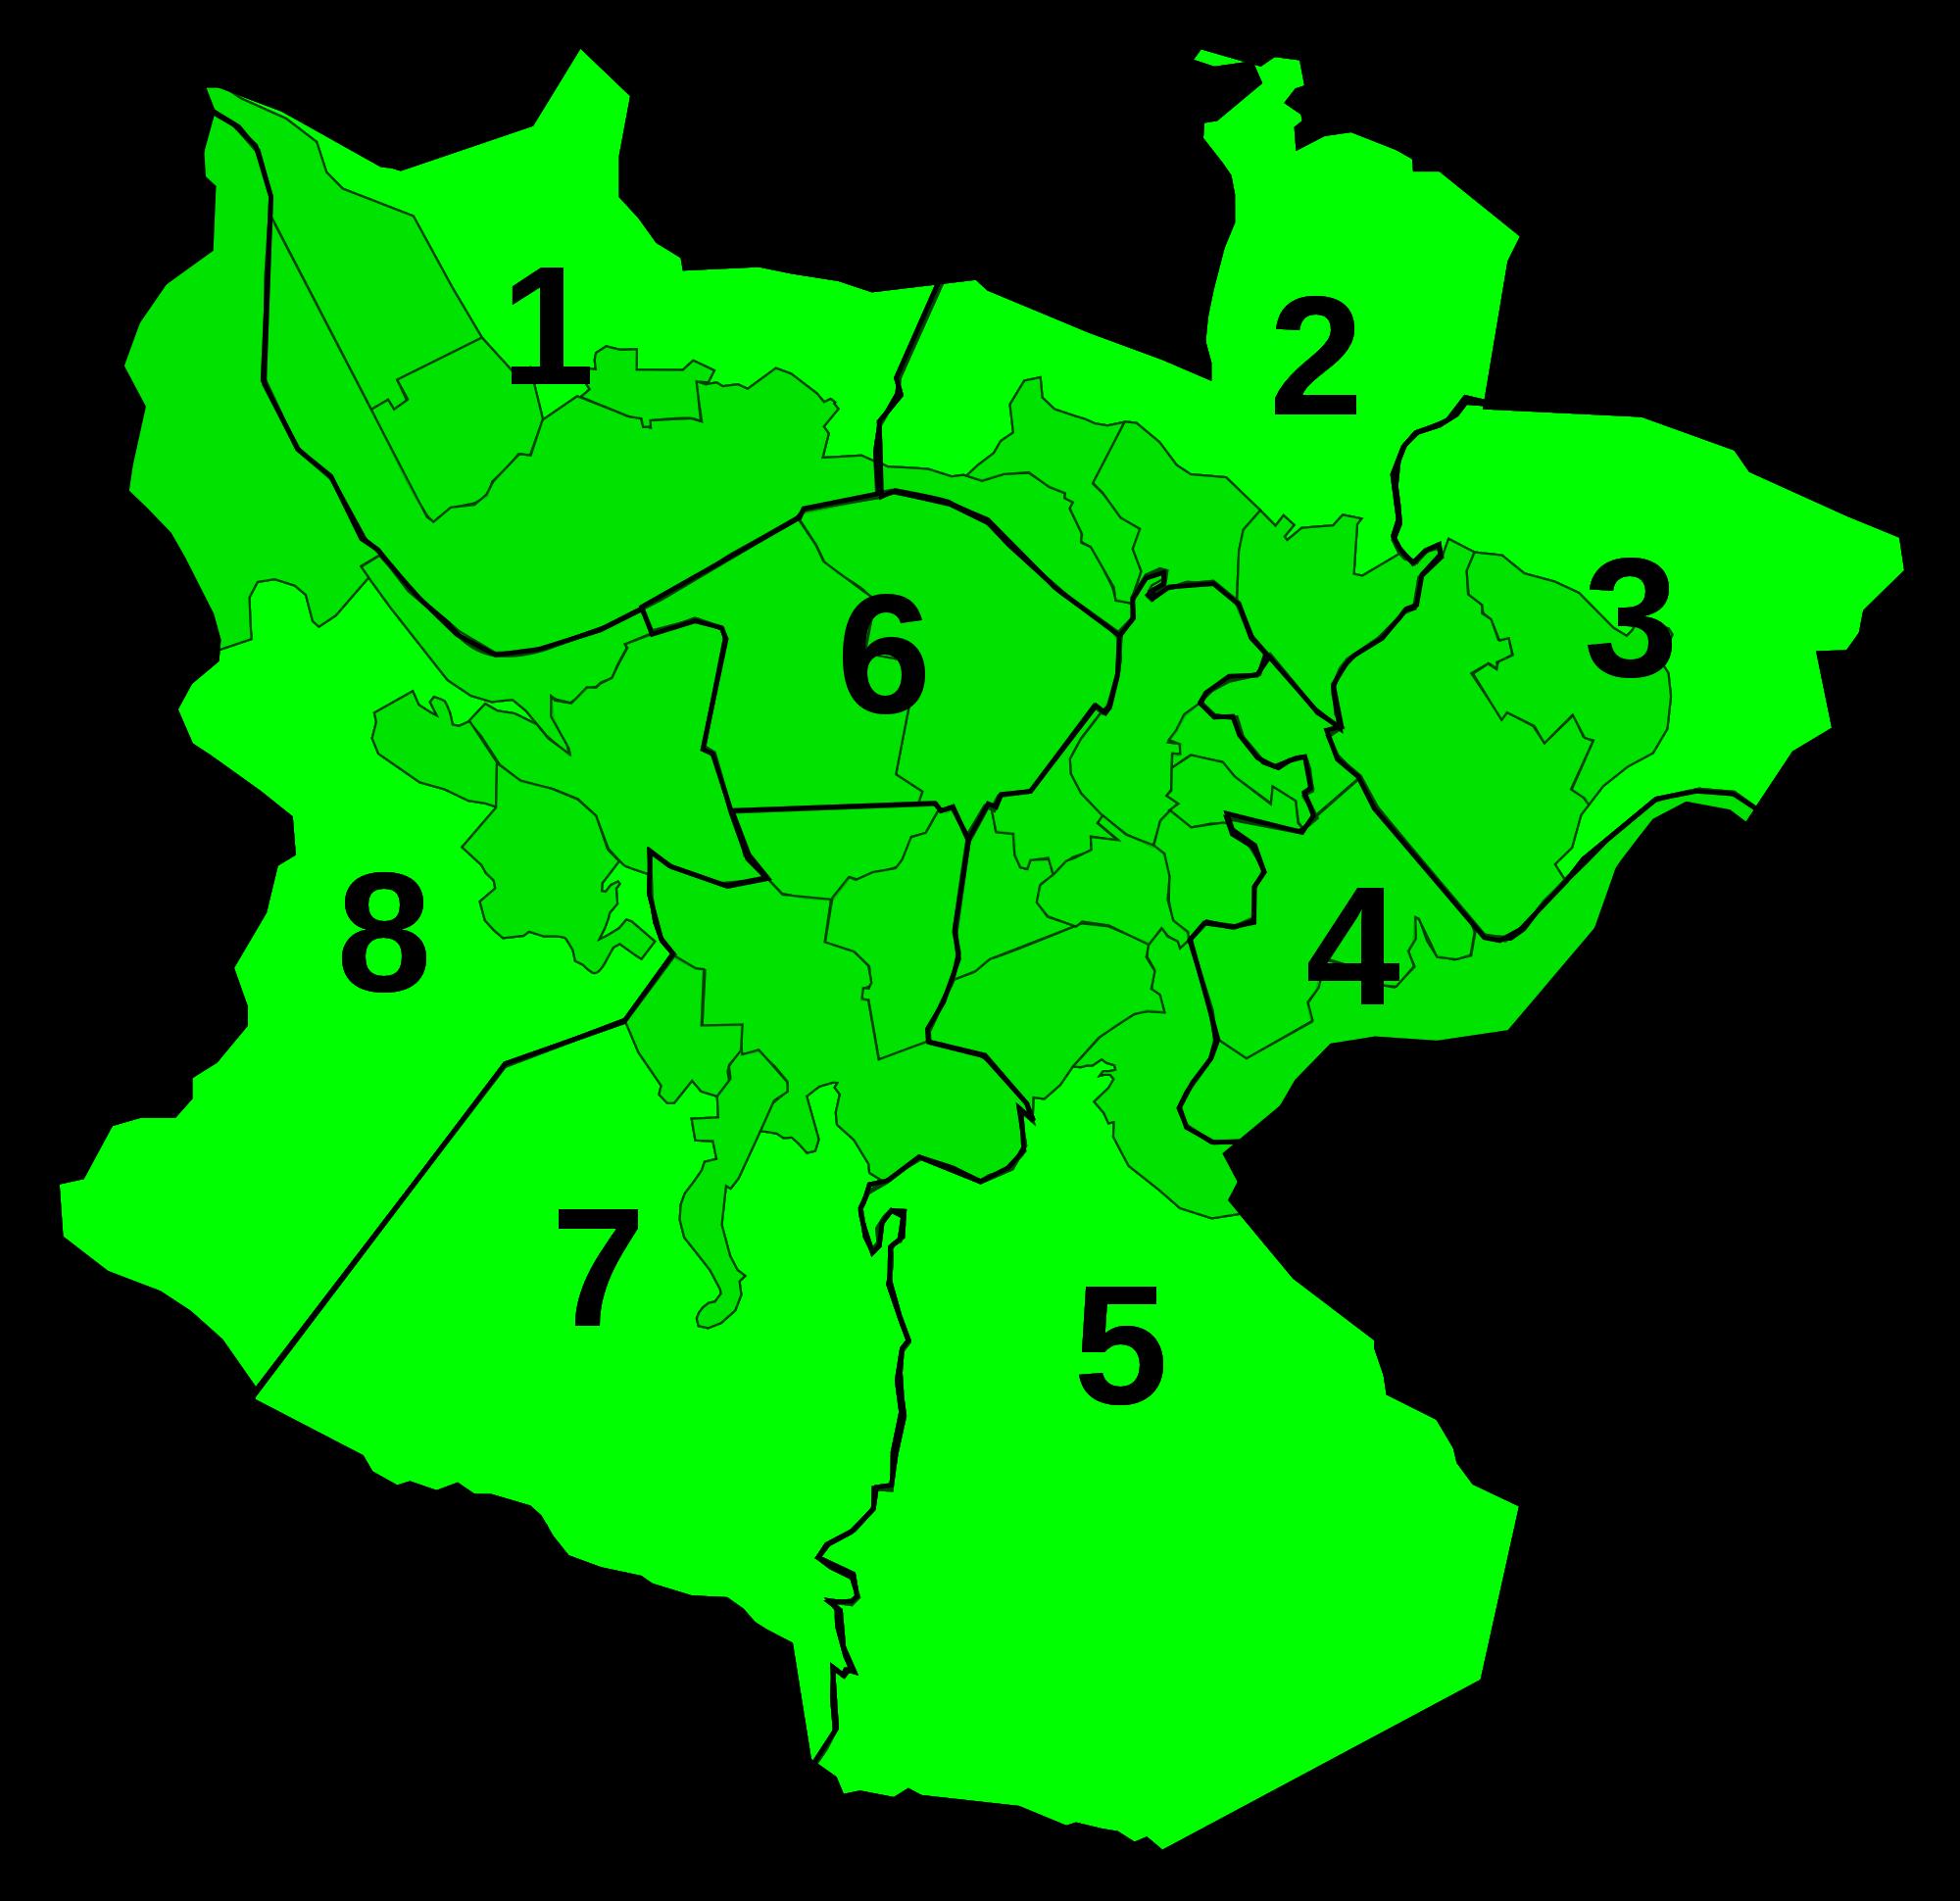 Distritos de Bilbao con su numeración oficial 2007